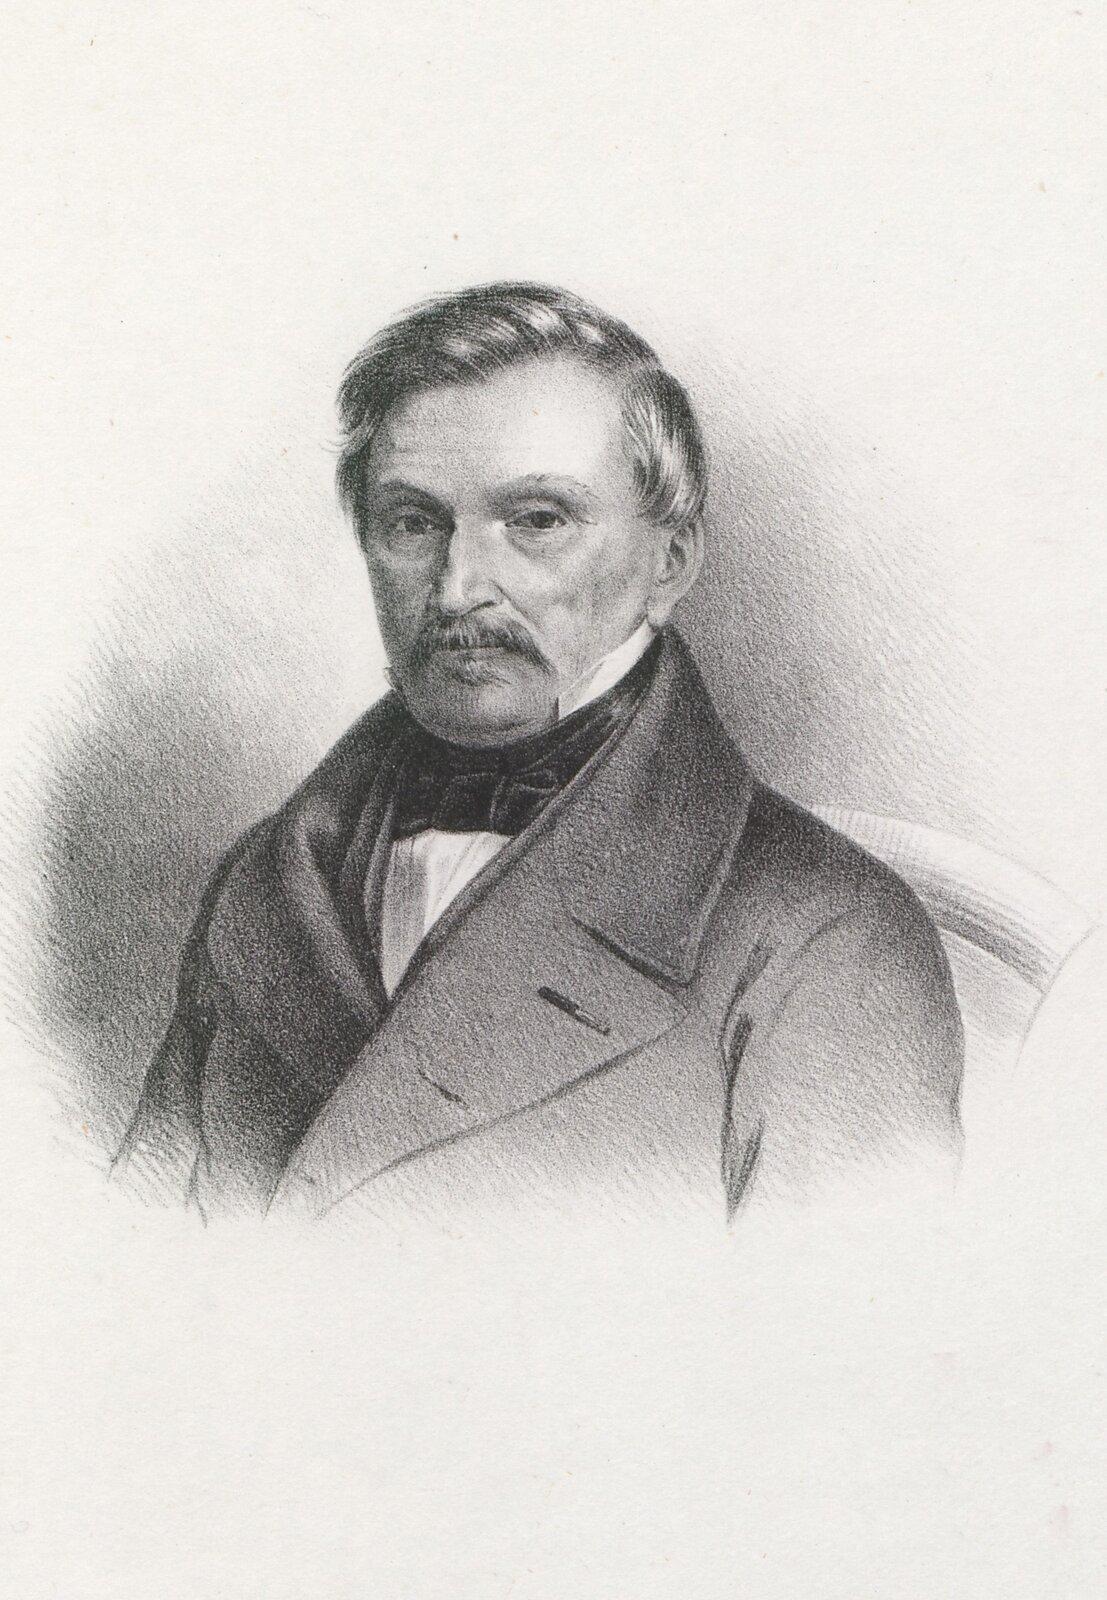 Aleksander hr. Fredro Aleksander hr. Fredro Źródło: Karol Auer, 1858, domena publiczna.